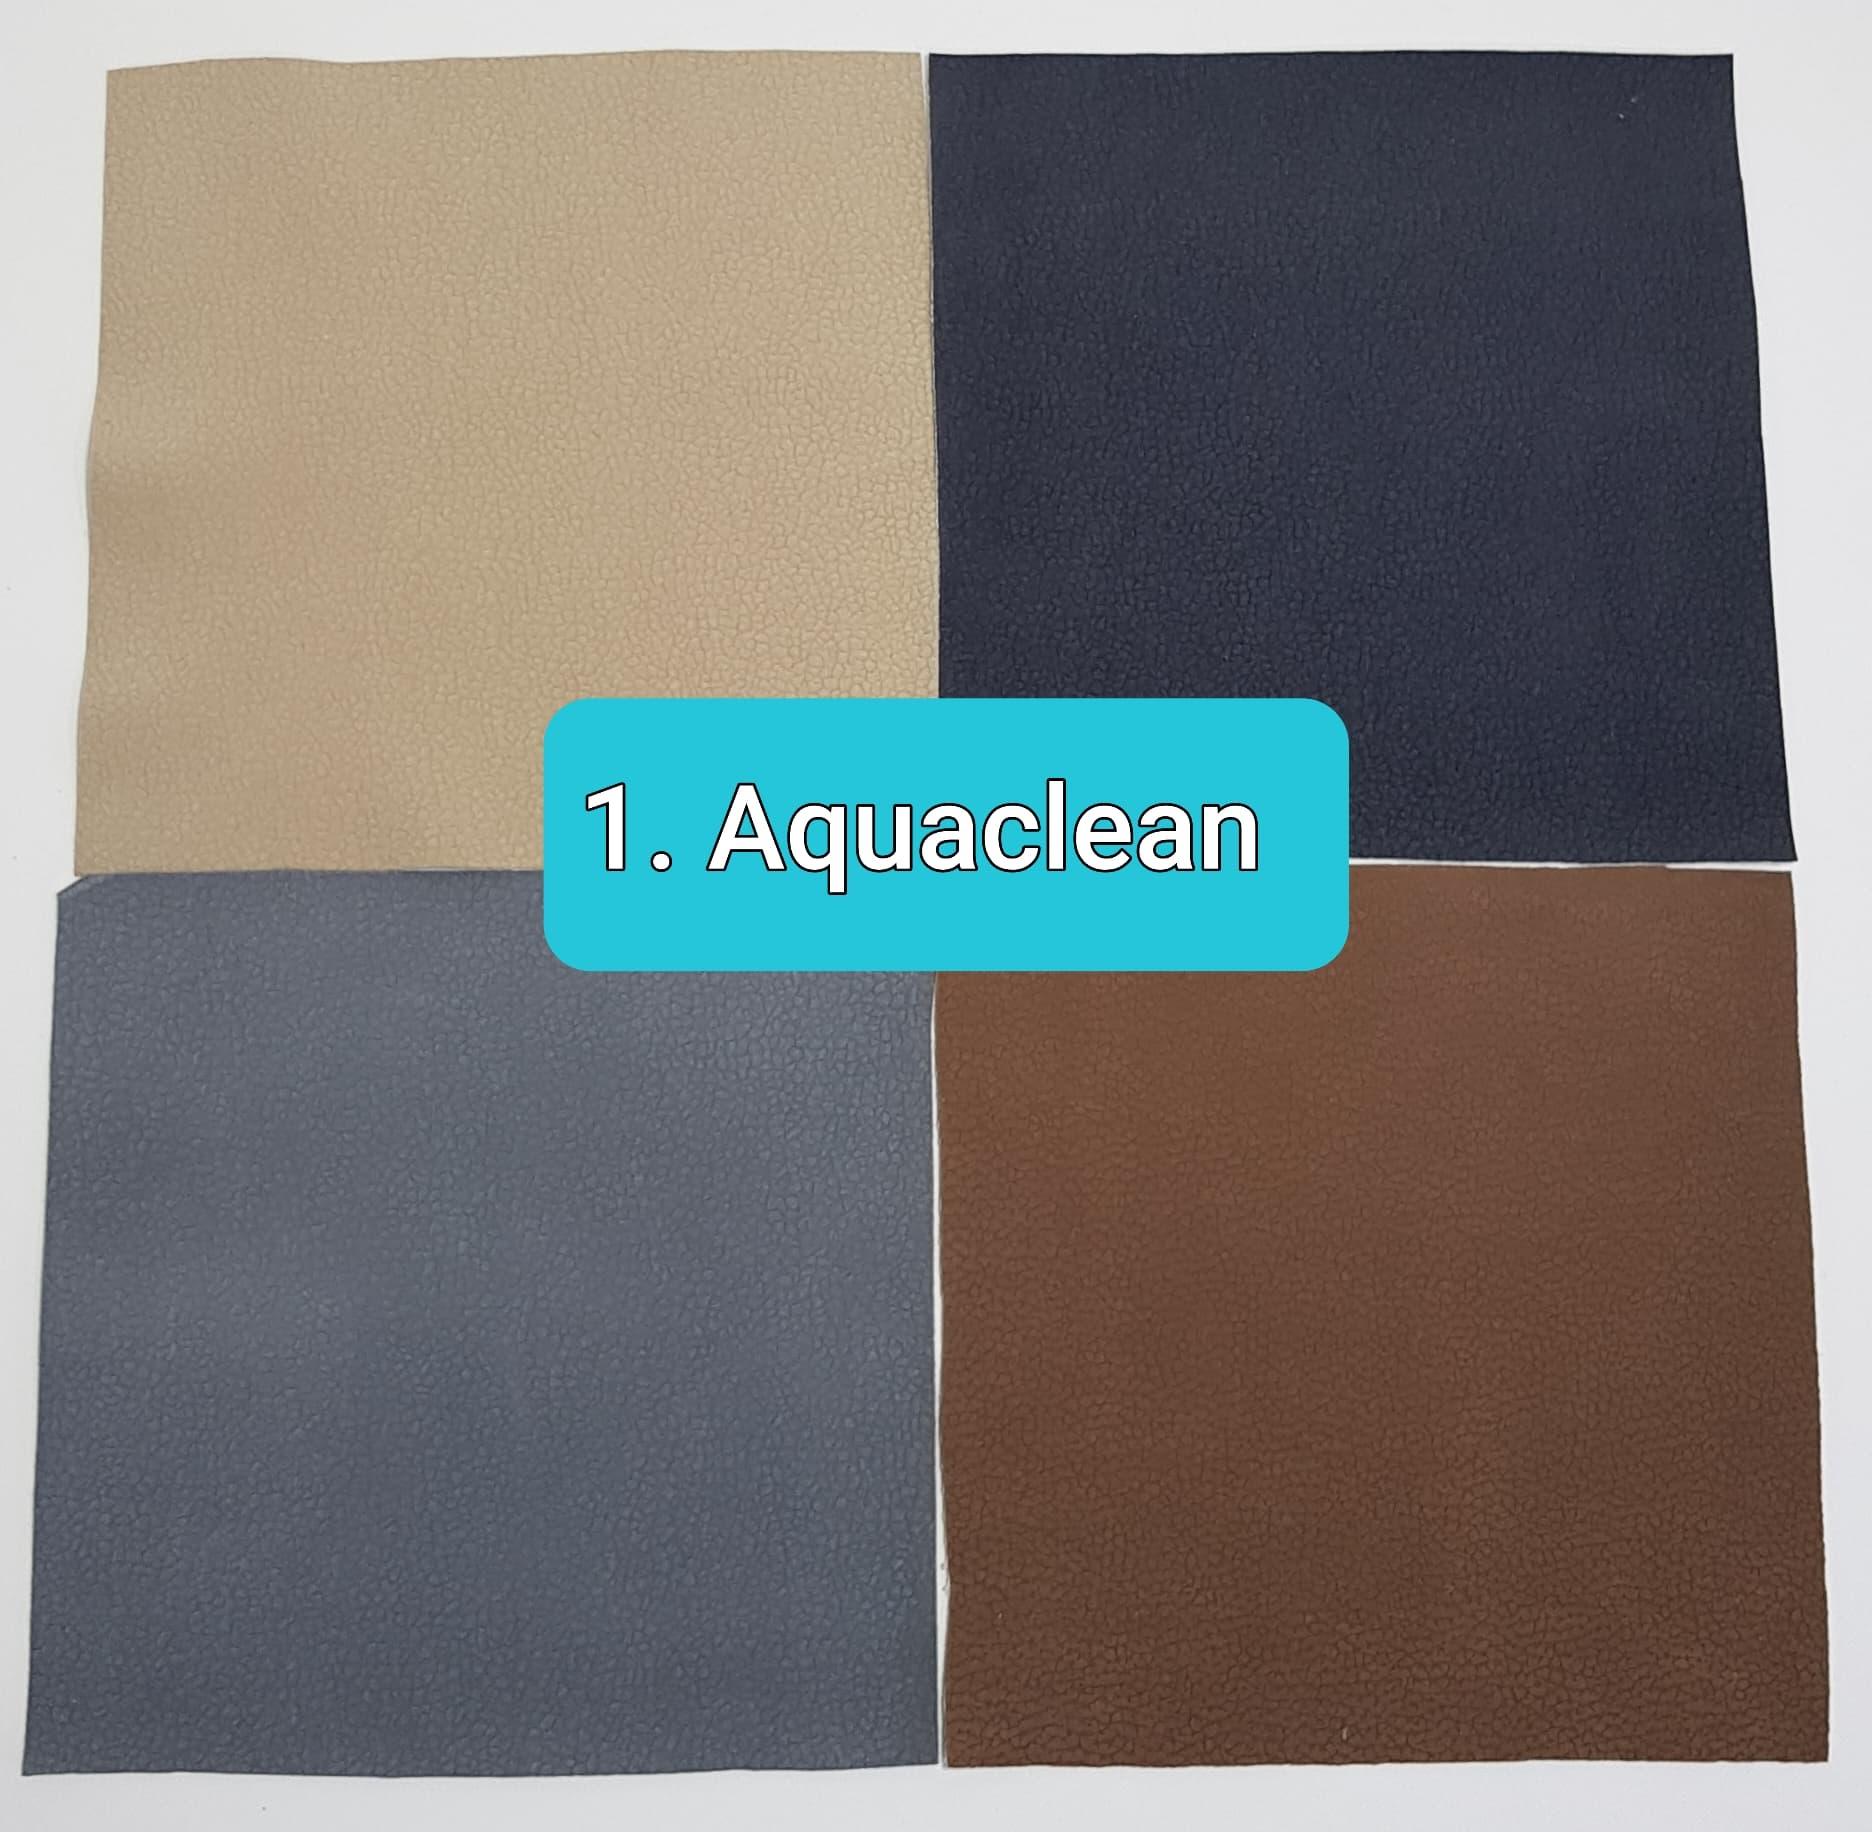 1.) Aquaclean